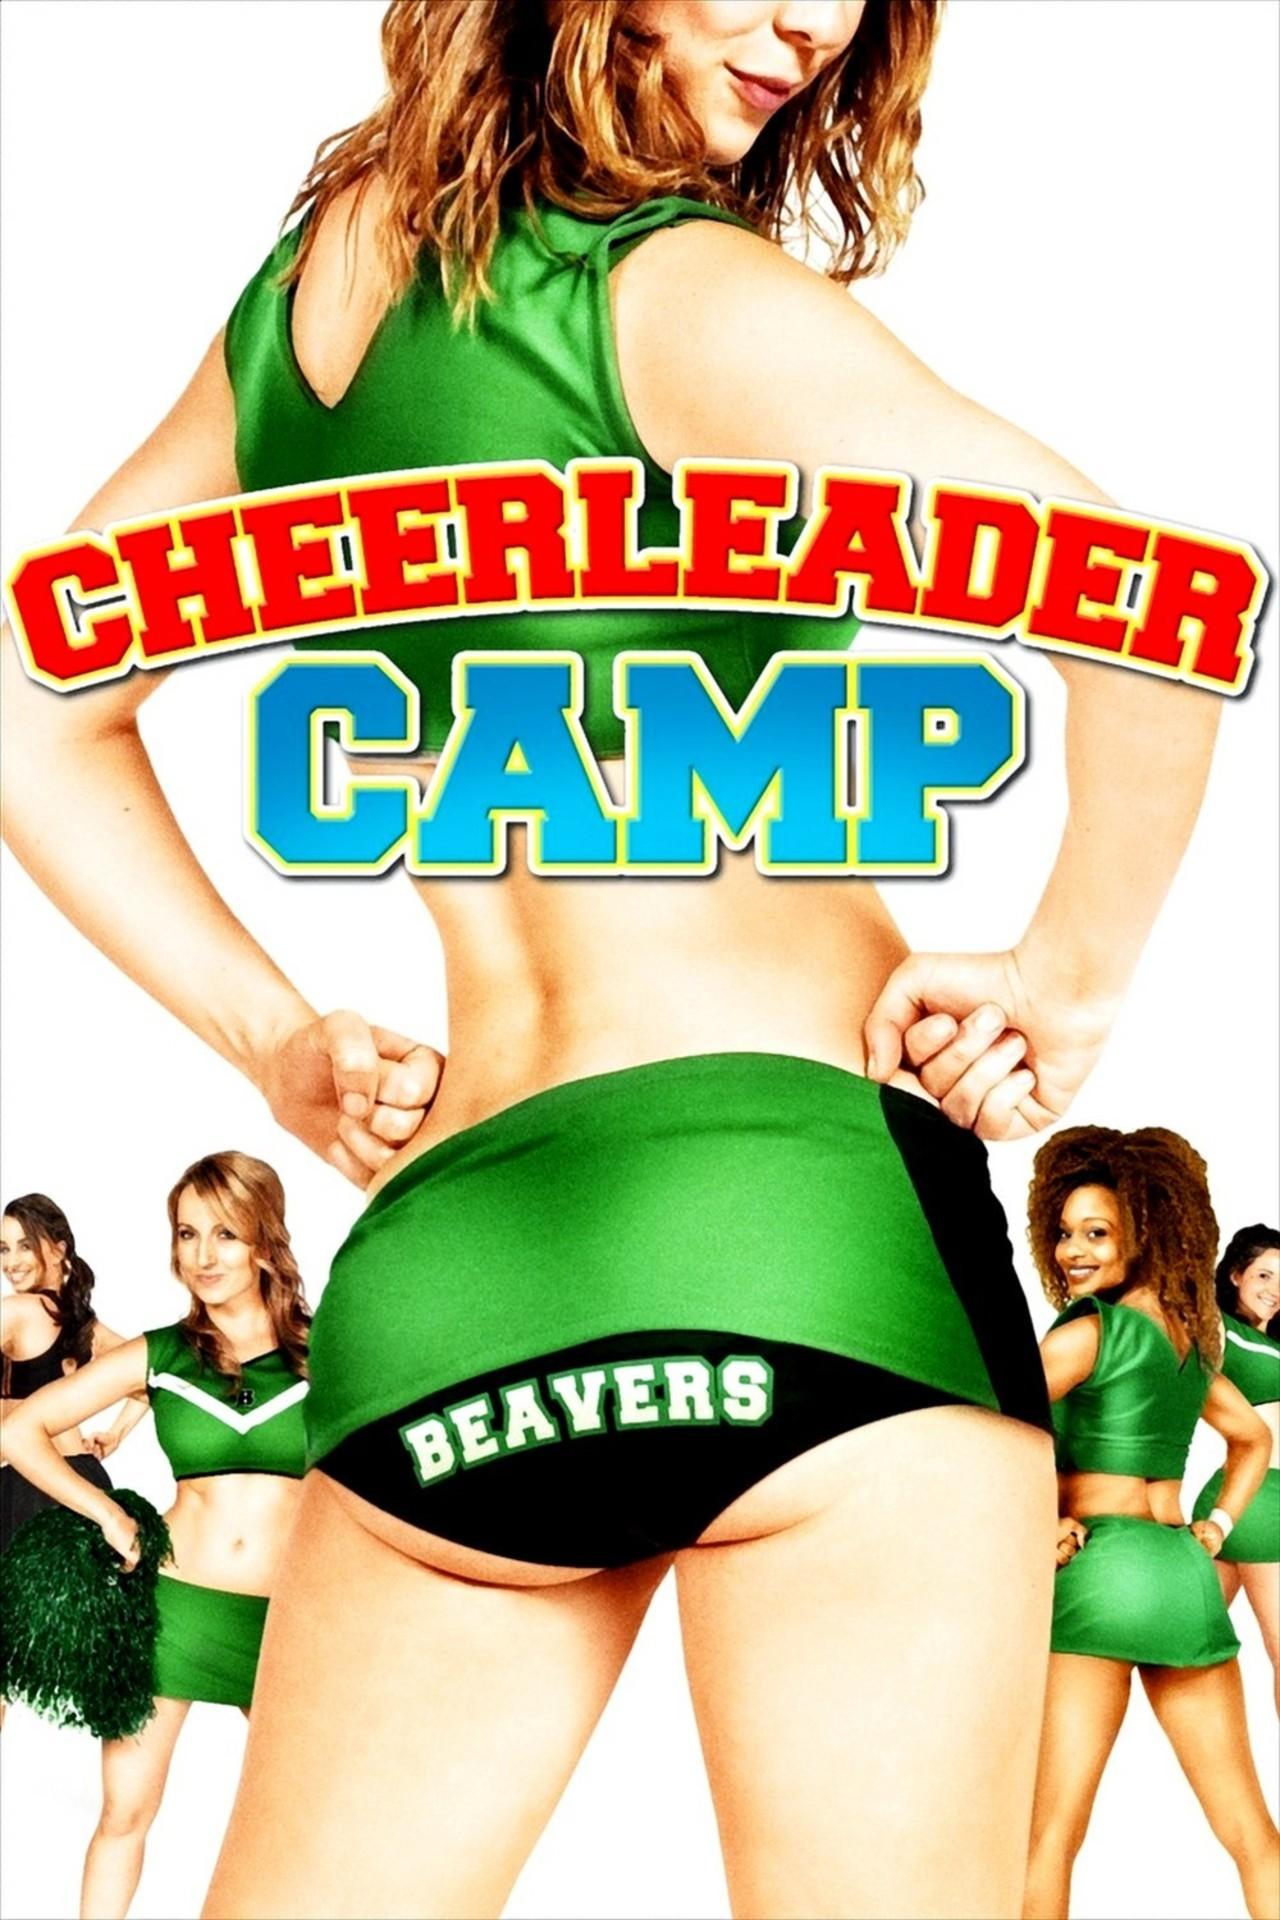 #1 Cheerleader Camp kapak